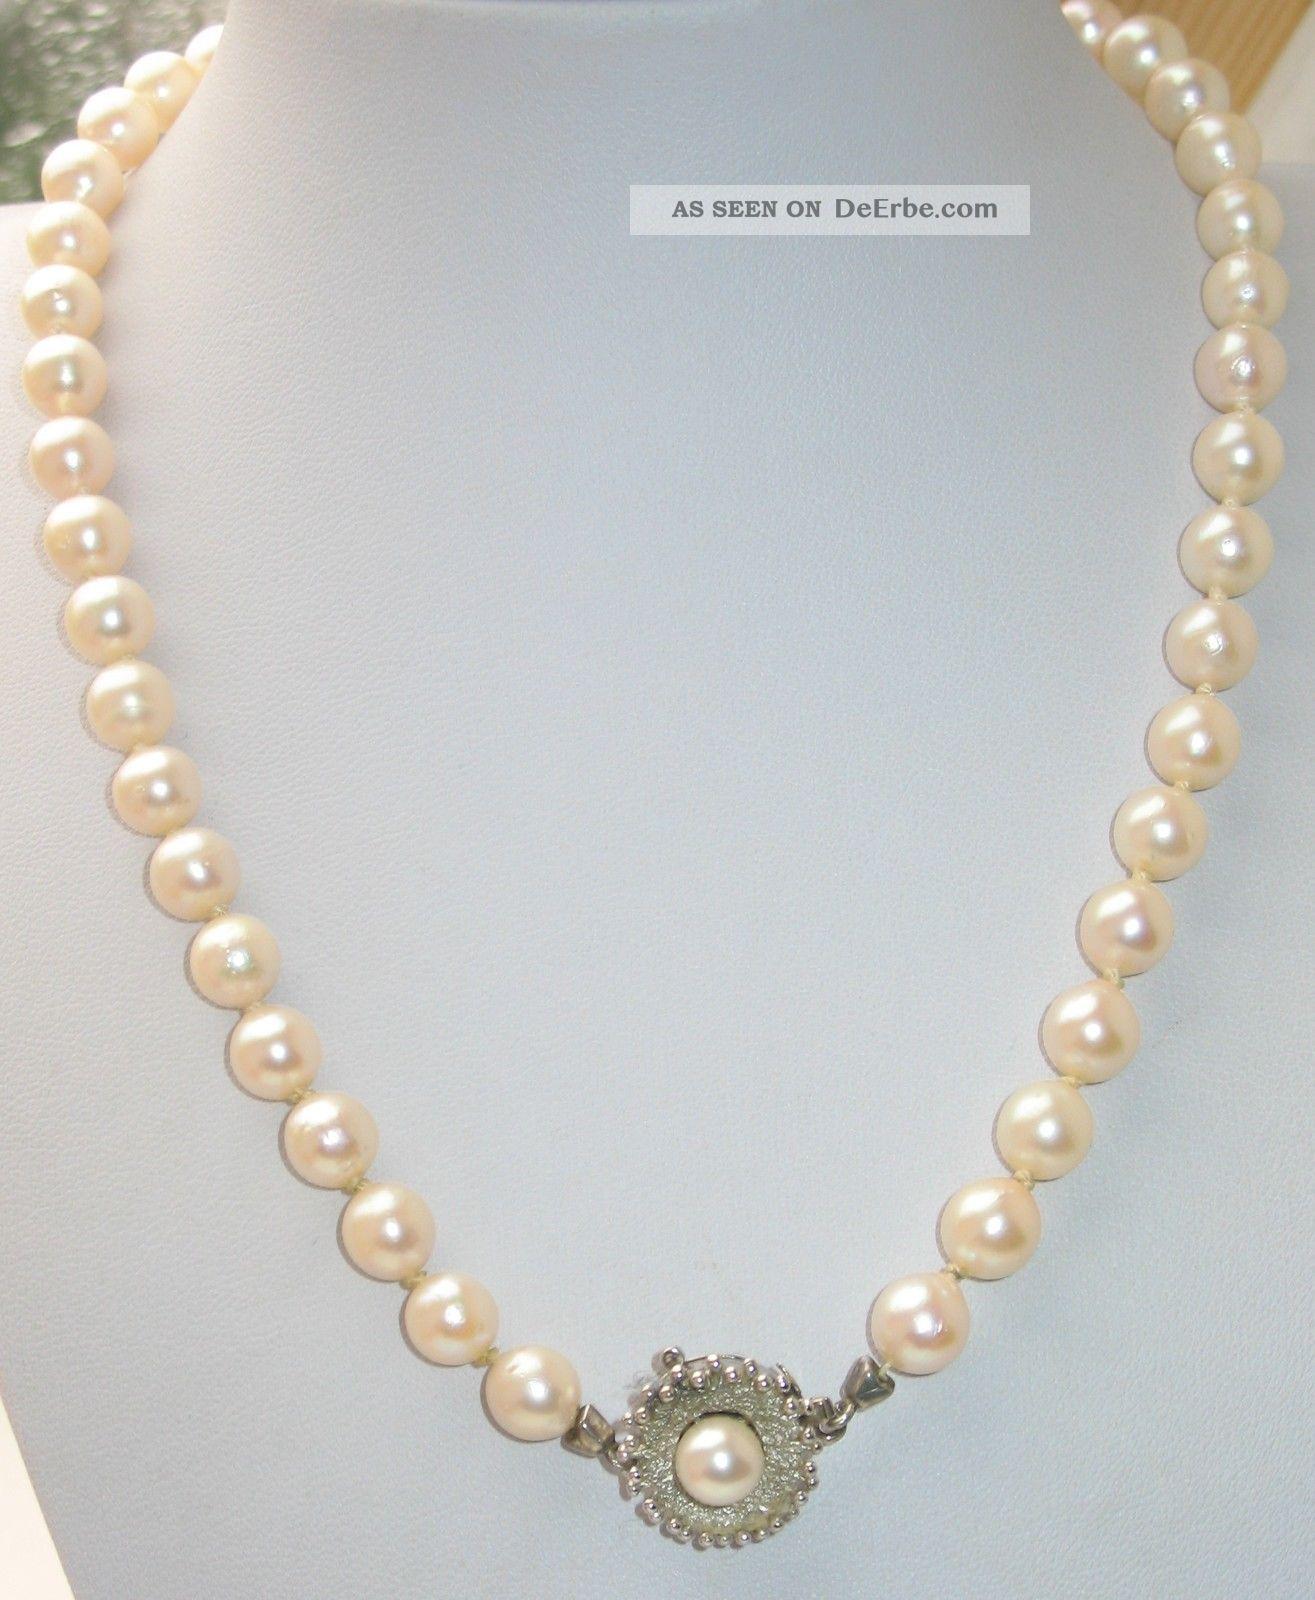 jugendstil 0 7 cm echte perlen kette collier perlenkette 585er wei gold. Black Bedroom Furniture Sets. Home Design Ideas